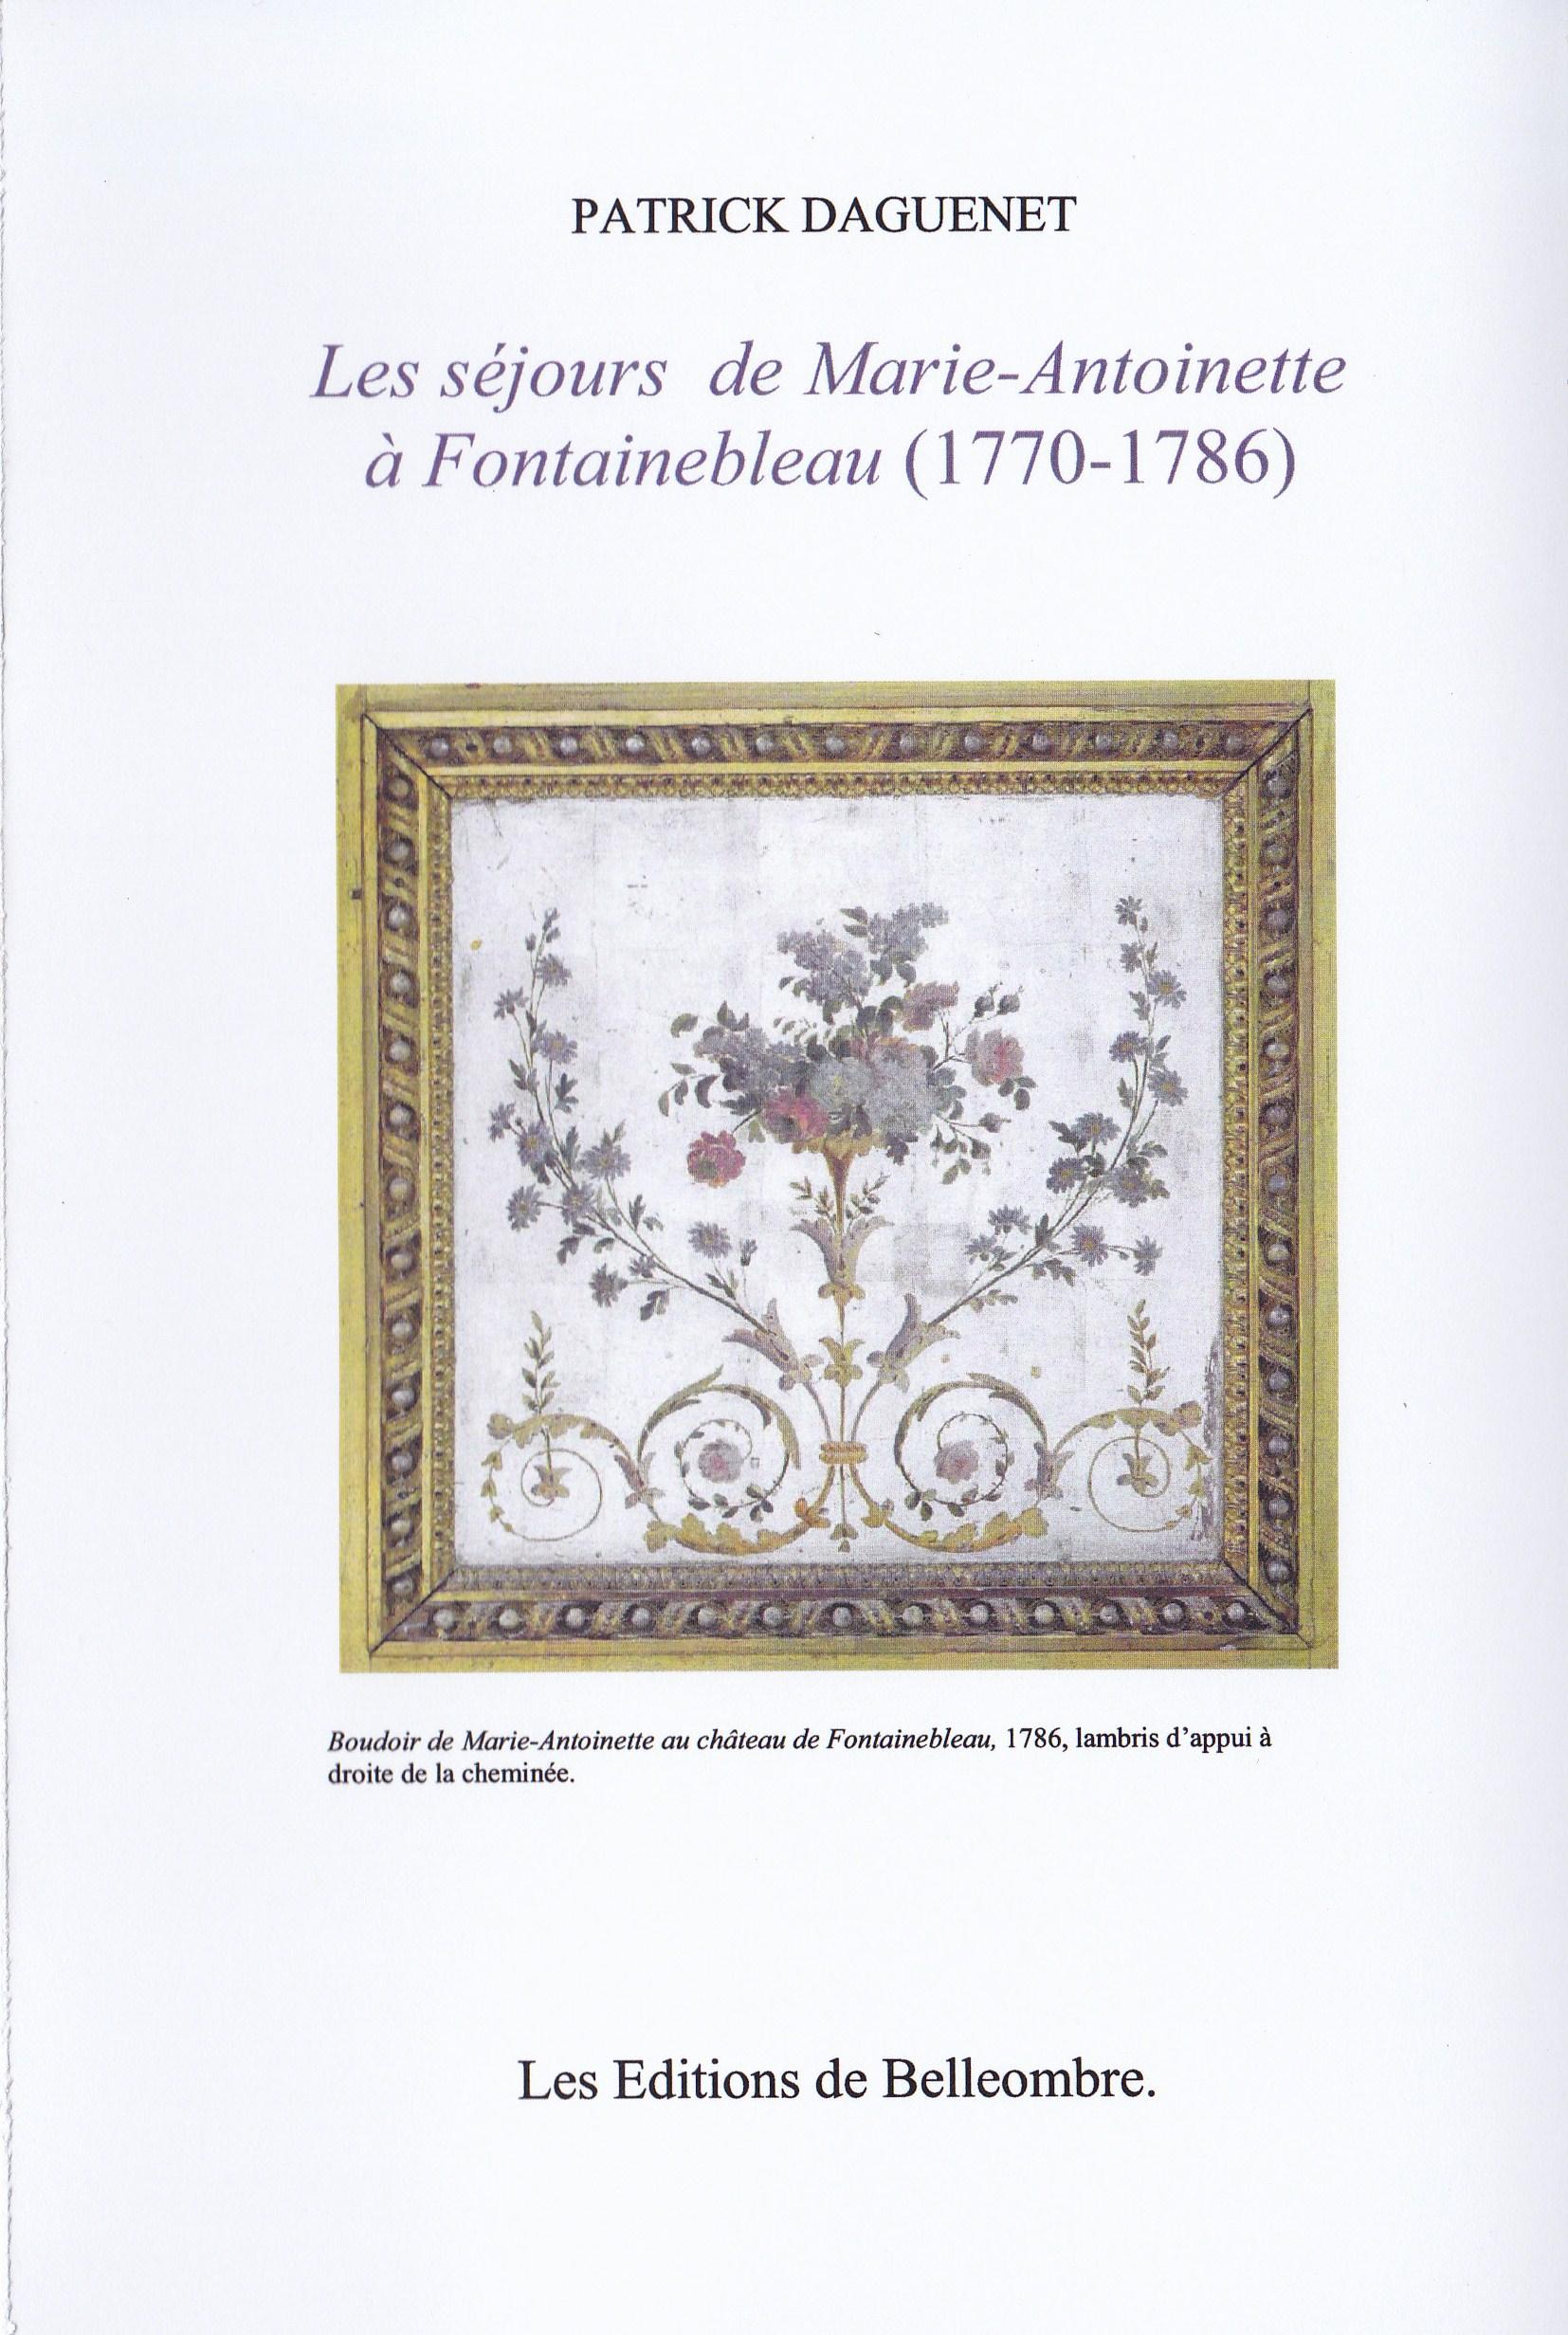 Les sejours de Marie-Antoinette à Fontainebleu (1770-1786)